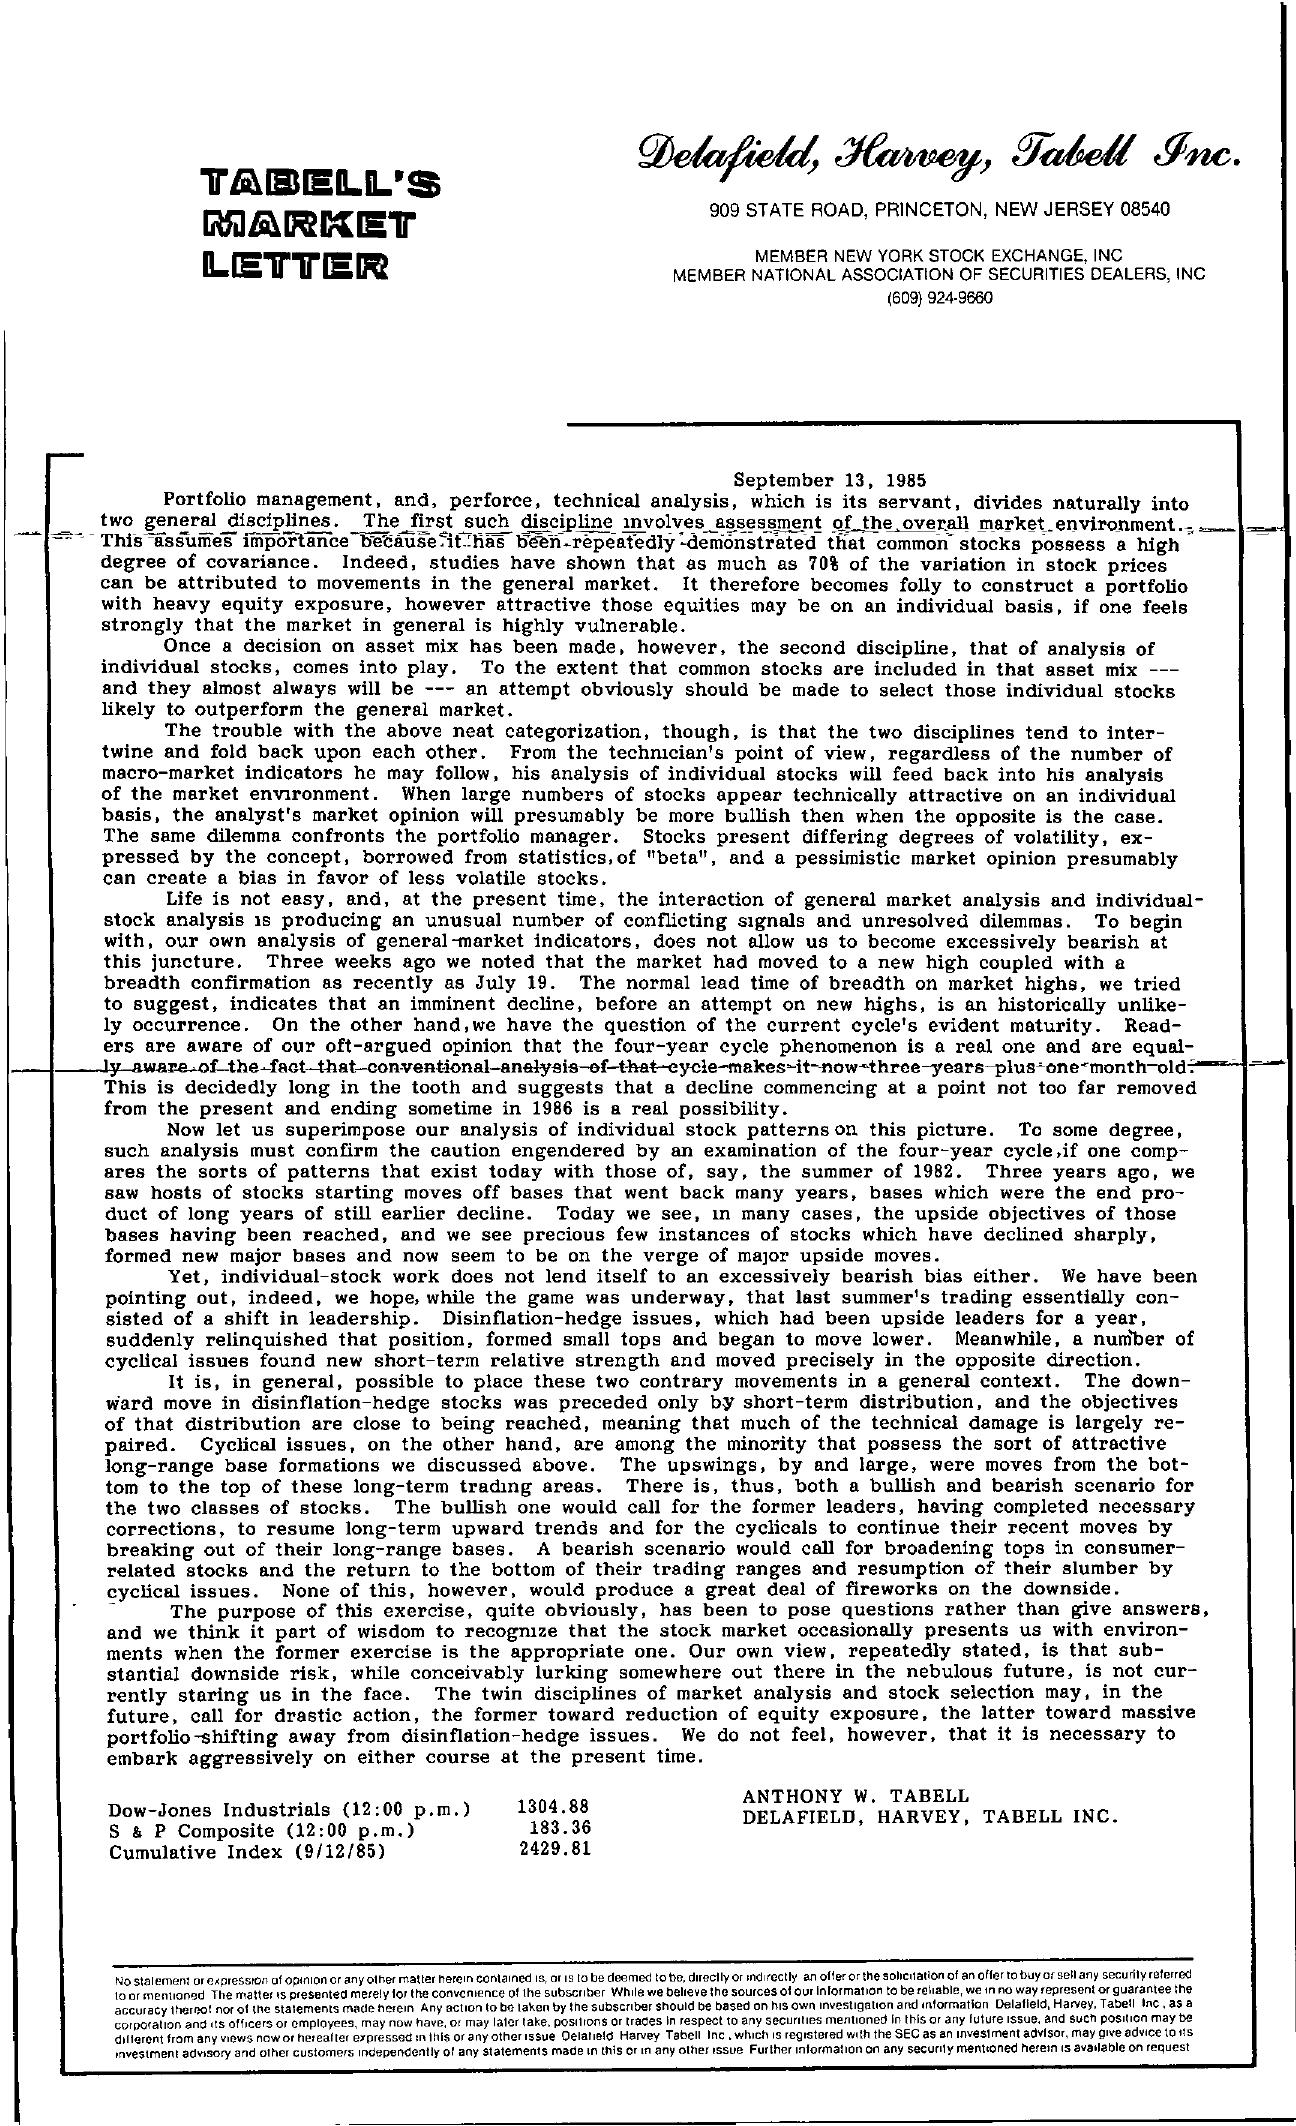 Tabell's Market Letter - September 13, 1985